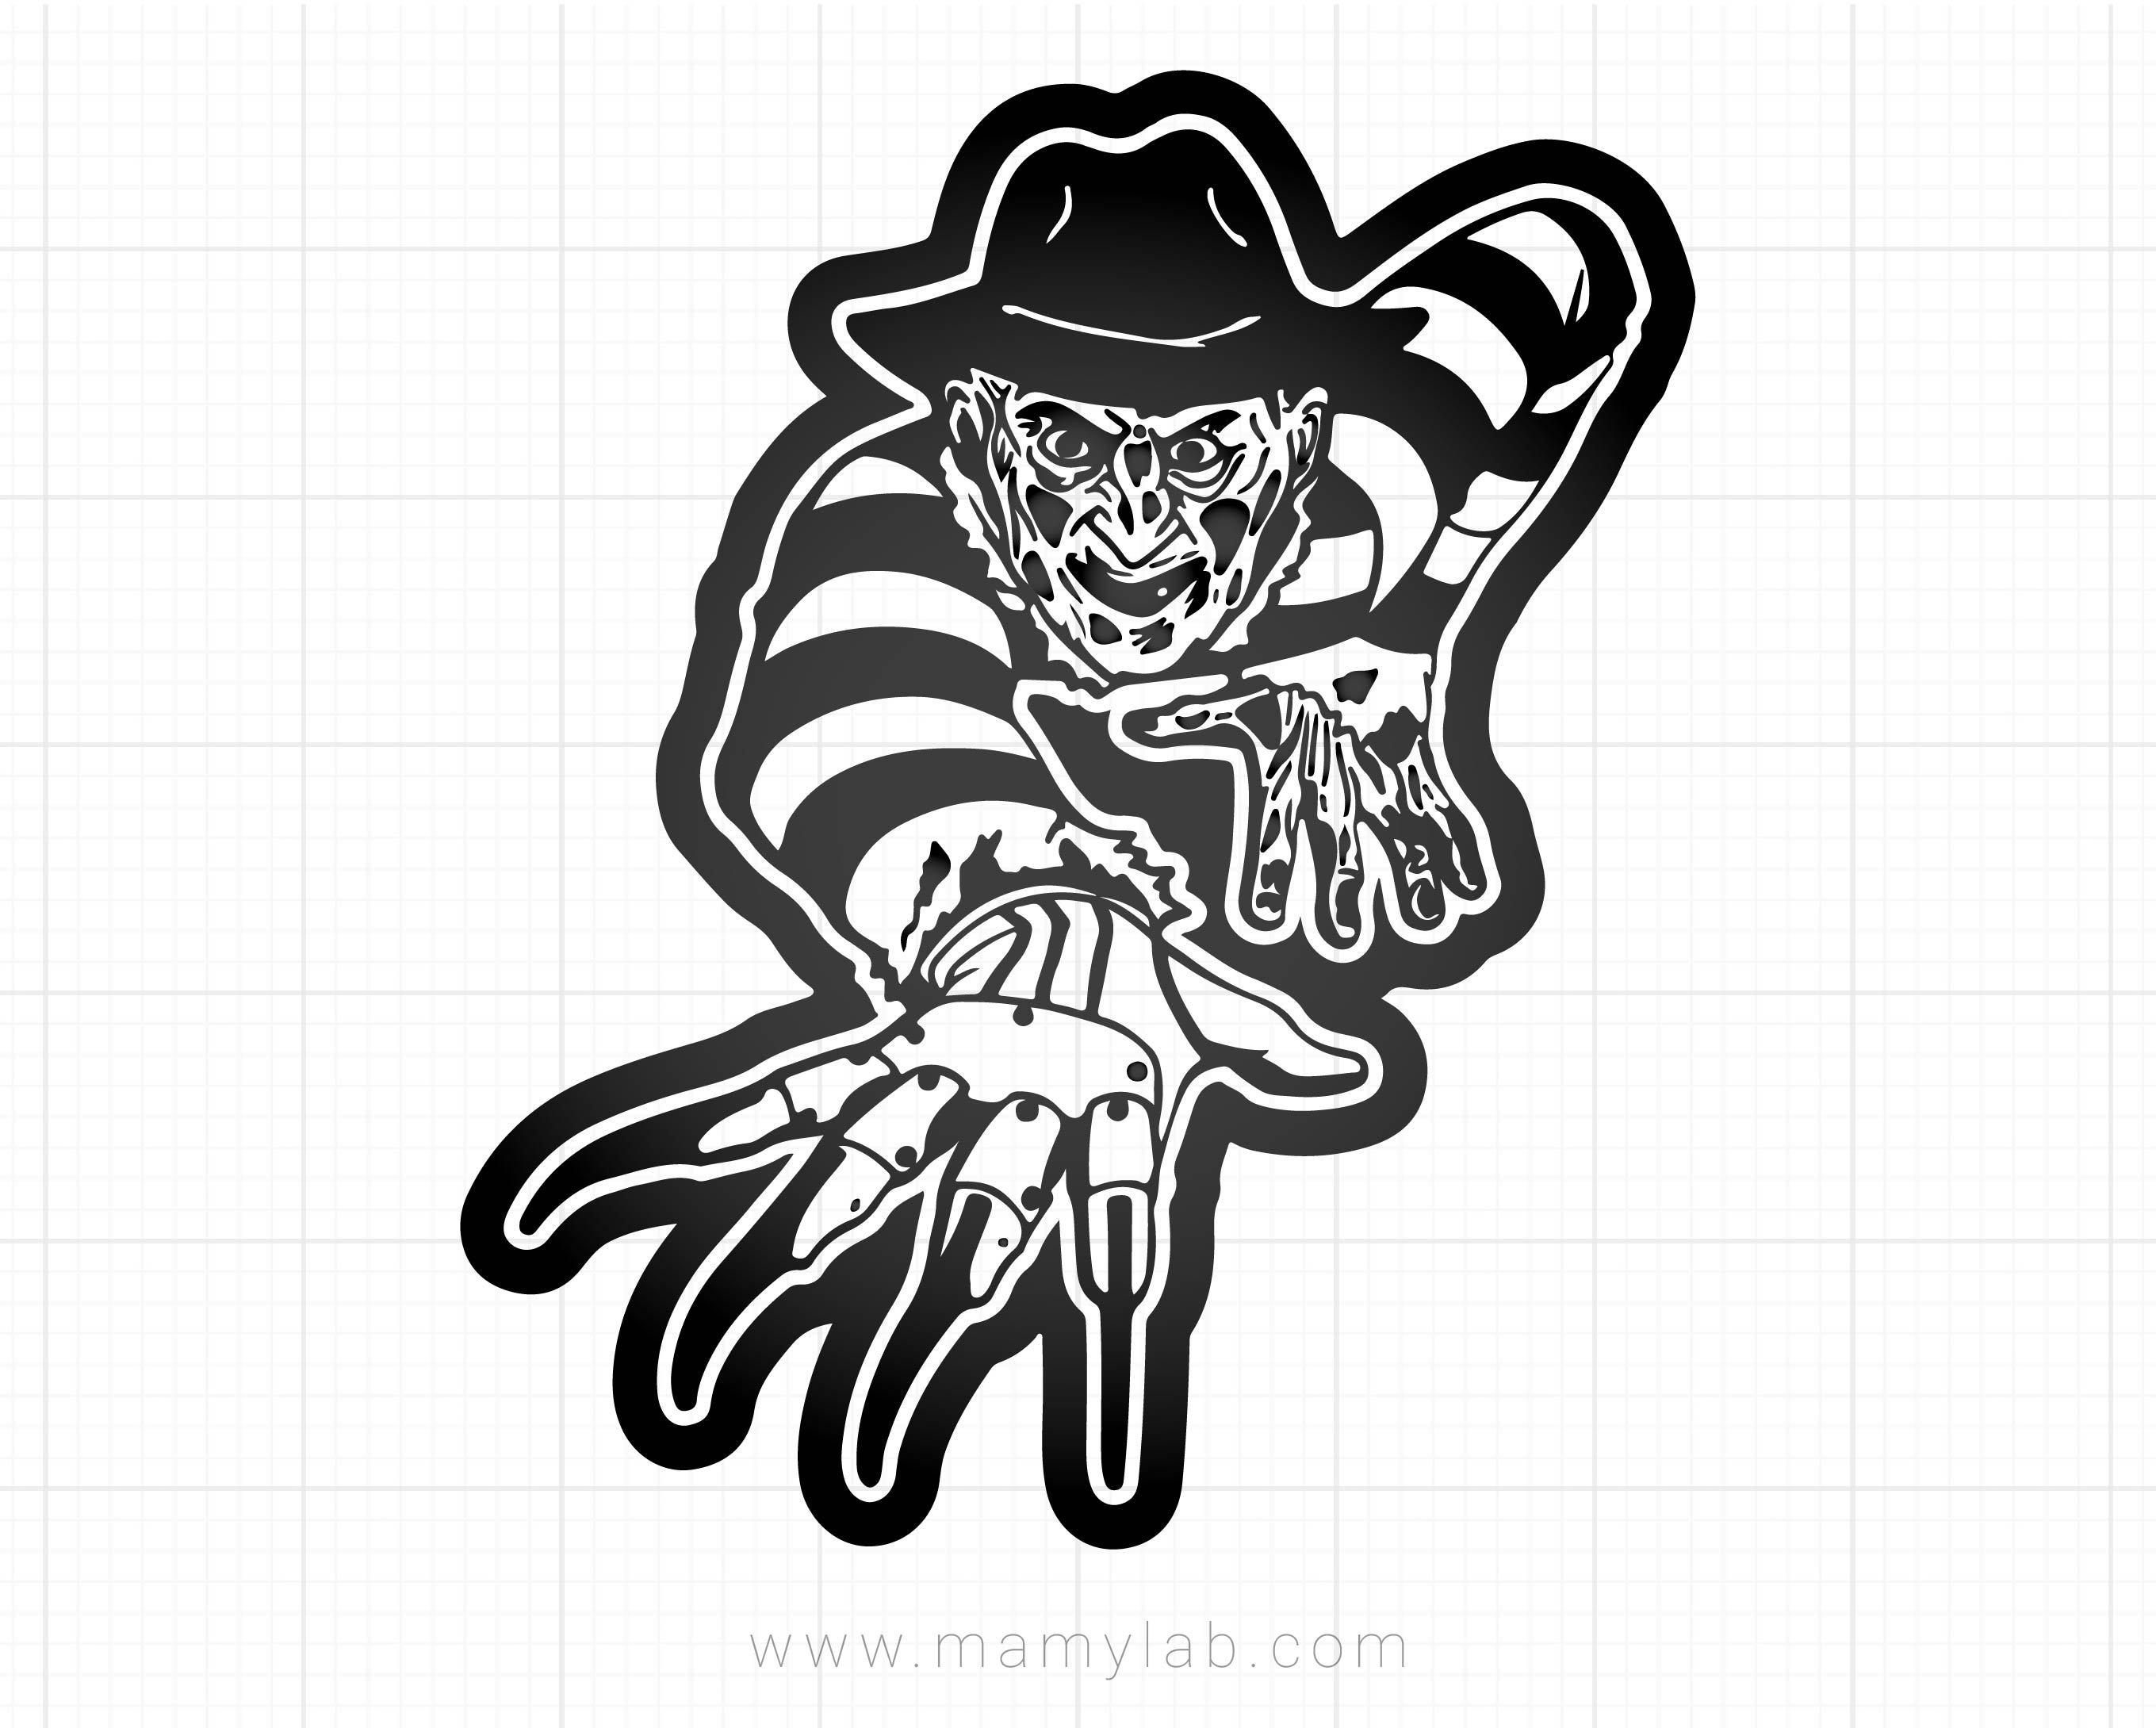 freddy krueger svg #482, Download drawings